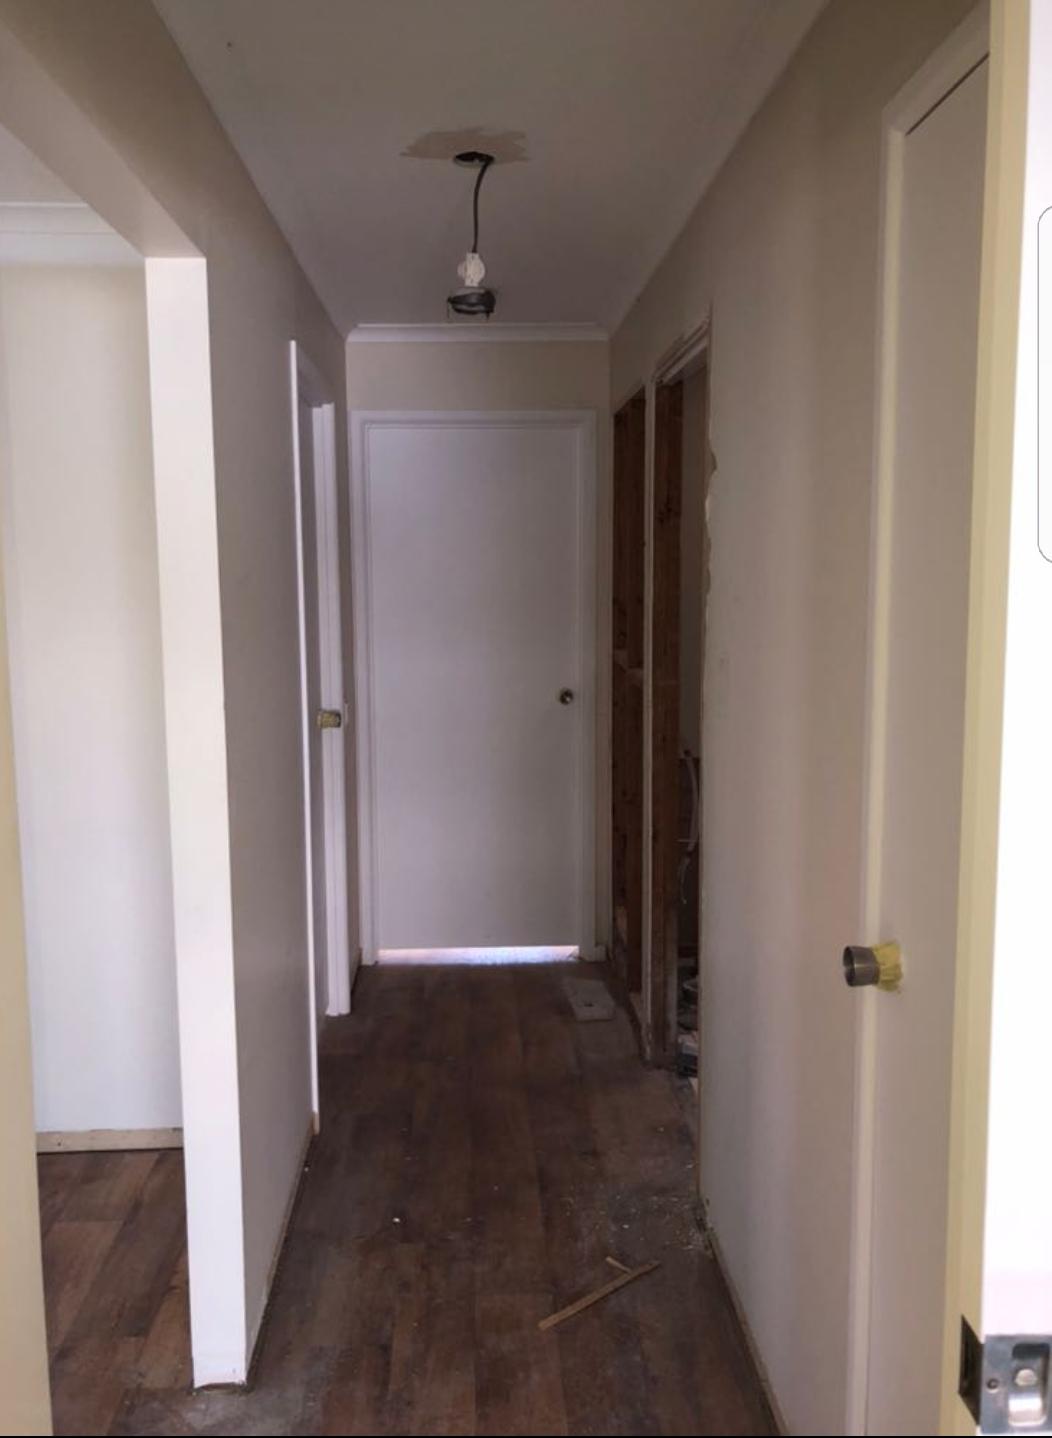 Bathroom Renovations Brisbane: Northside & Southside ...